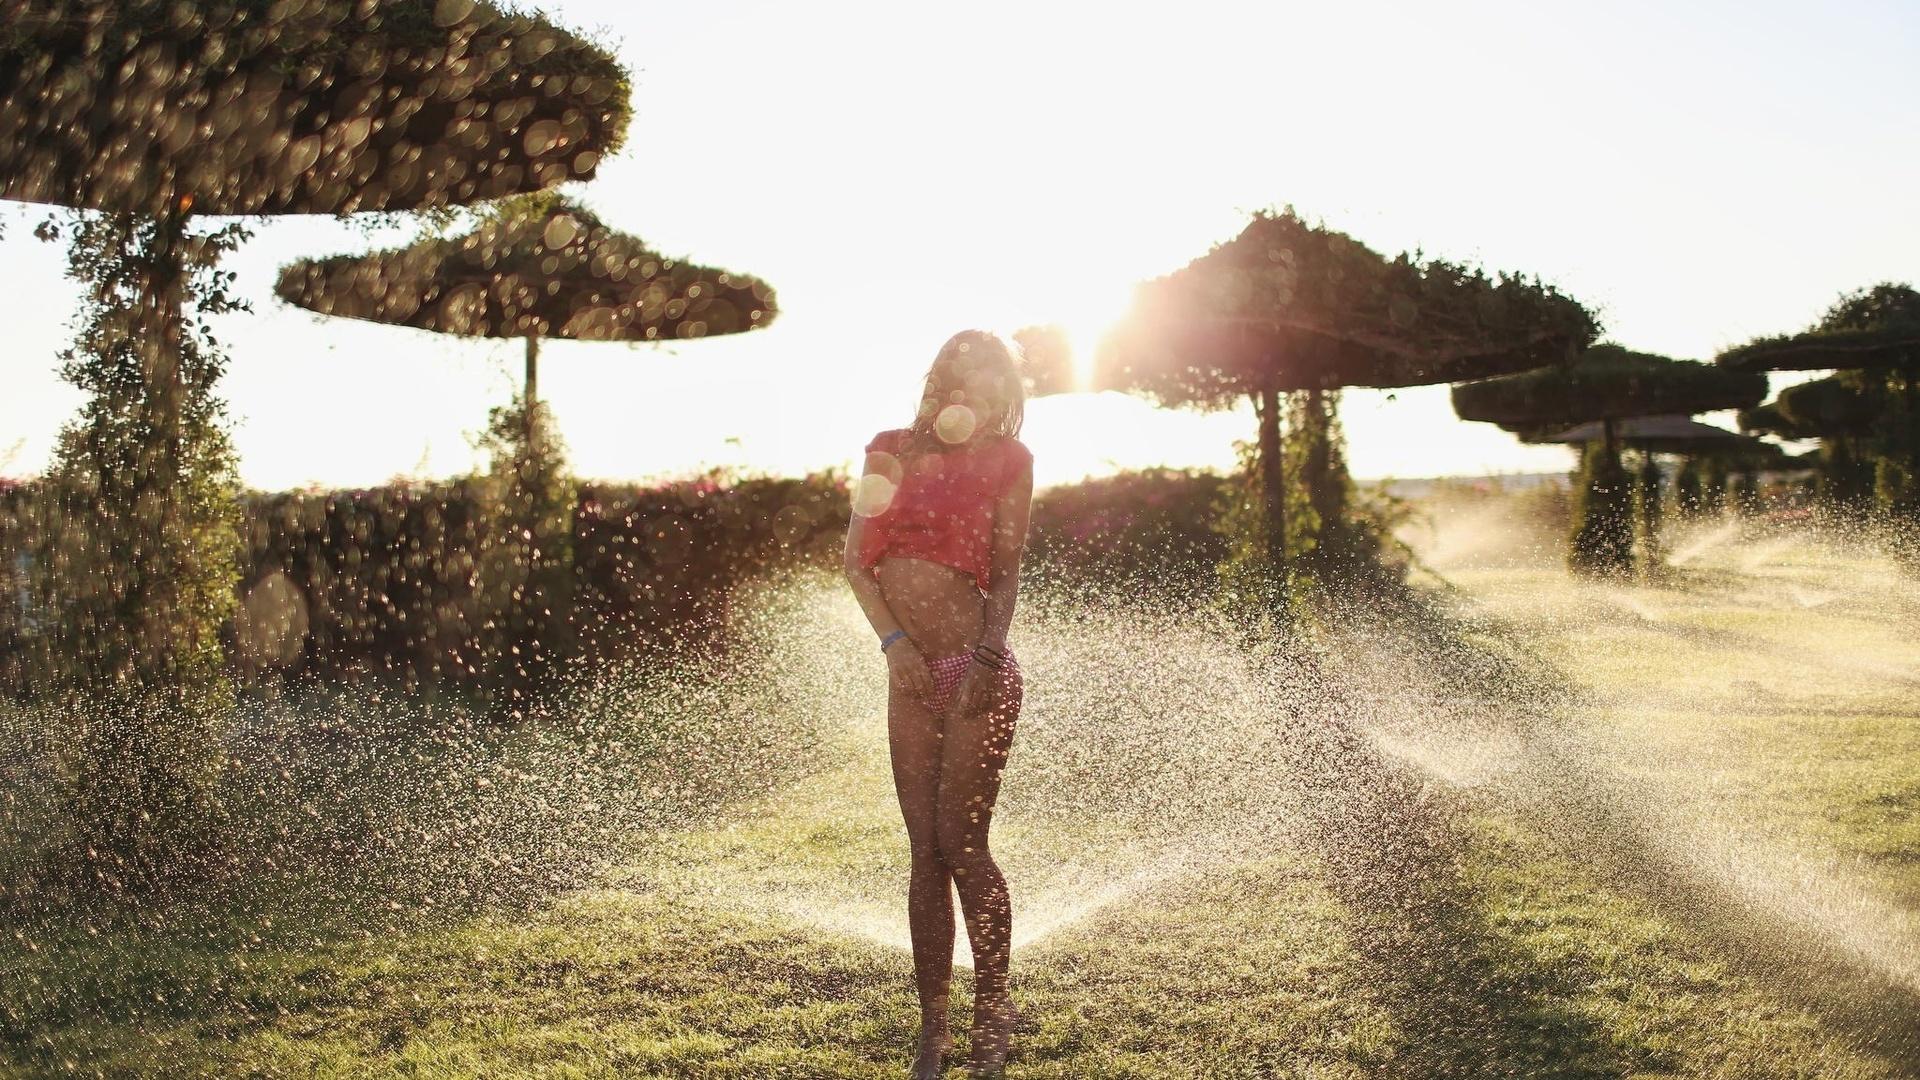 фото, макро, фото, тема, база отдыха, полив, газона, вода, брызги, тема, фигурка, ножки